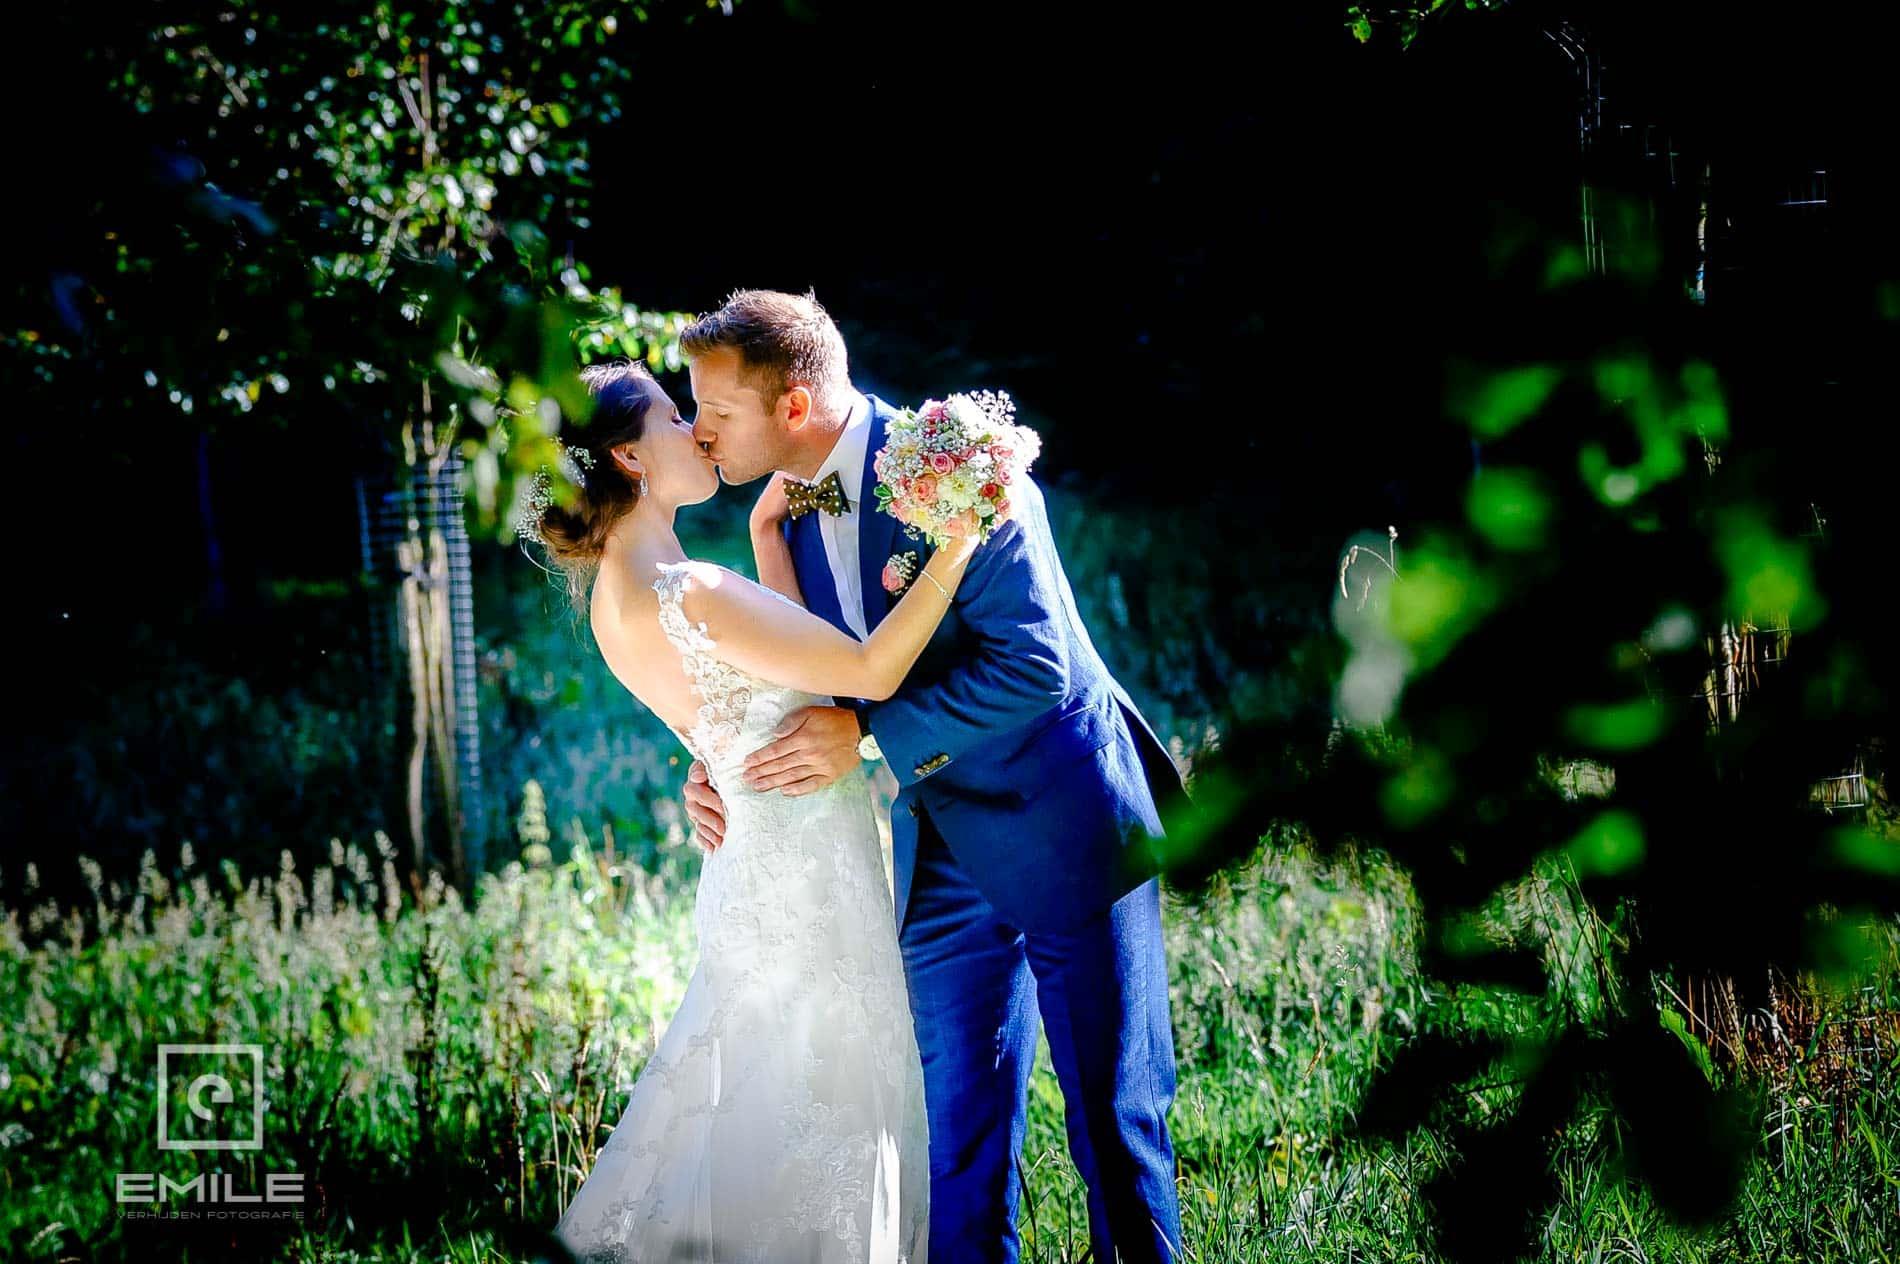 Bruidsfotograaf Landgraaf - Winselerhof. Een kus tussen de bomen